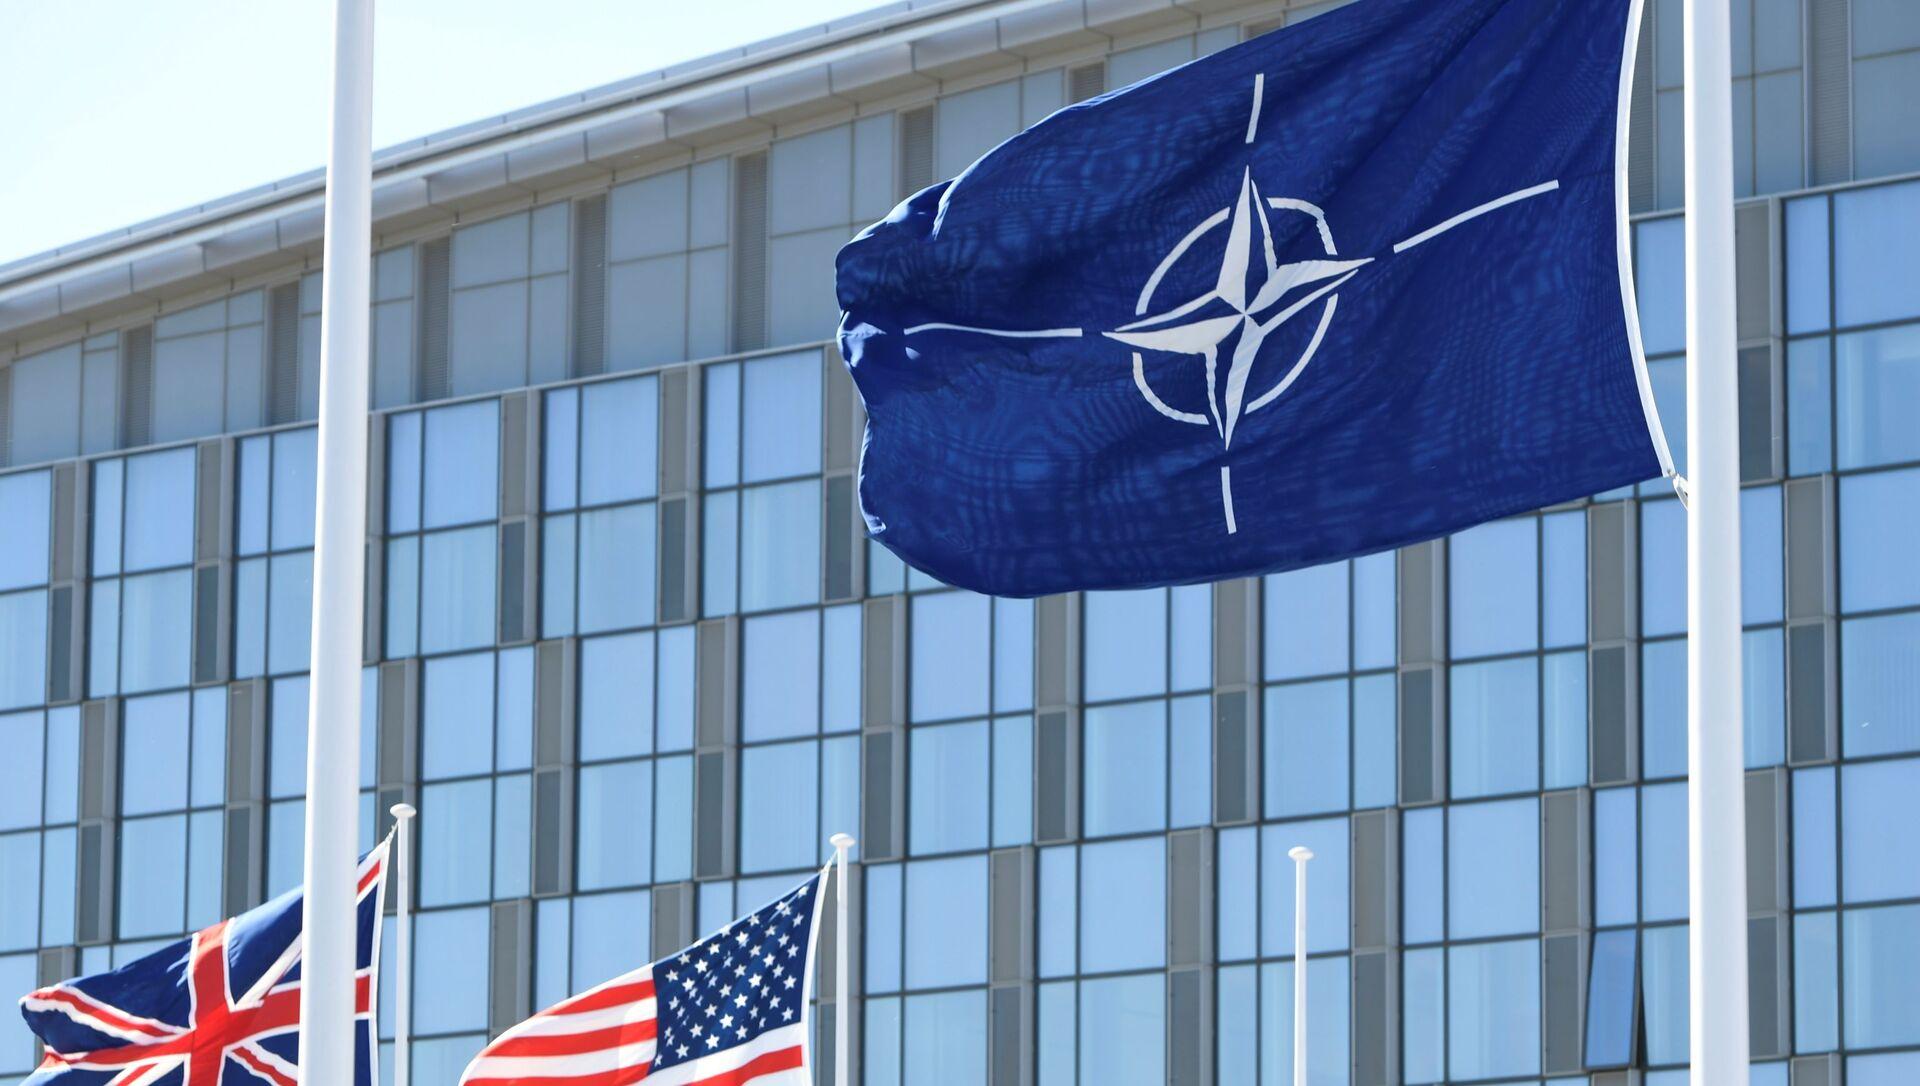 Sede della NATO a Bruxelles - Sputnik Italia, 1920, 03.02.2021